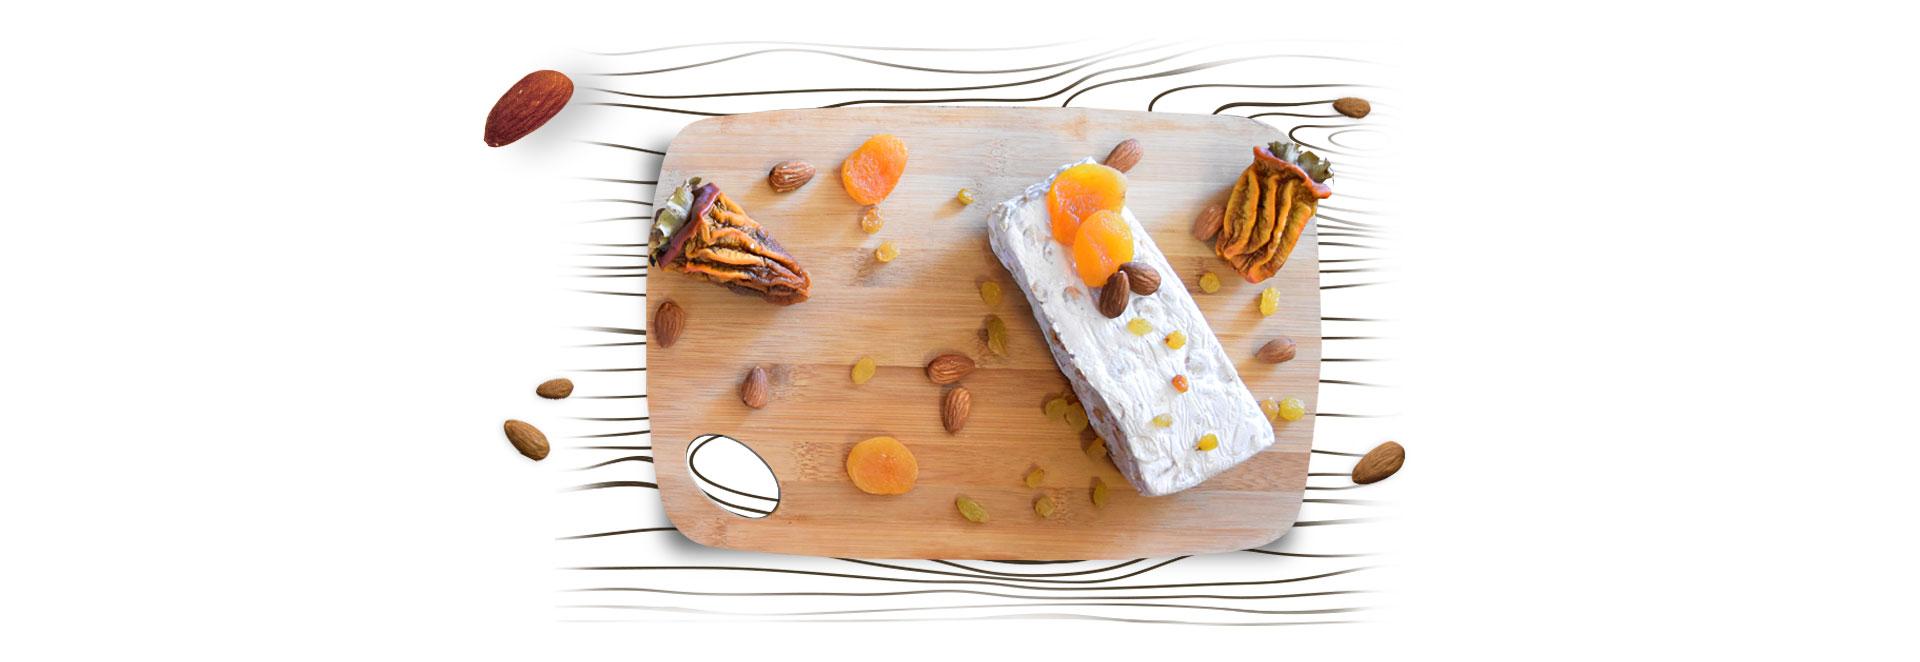 Разработка логотипа сайта продажи сладостей фотосет